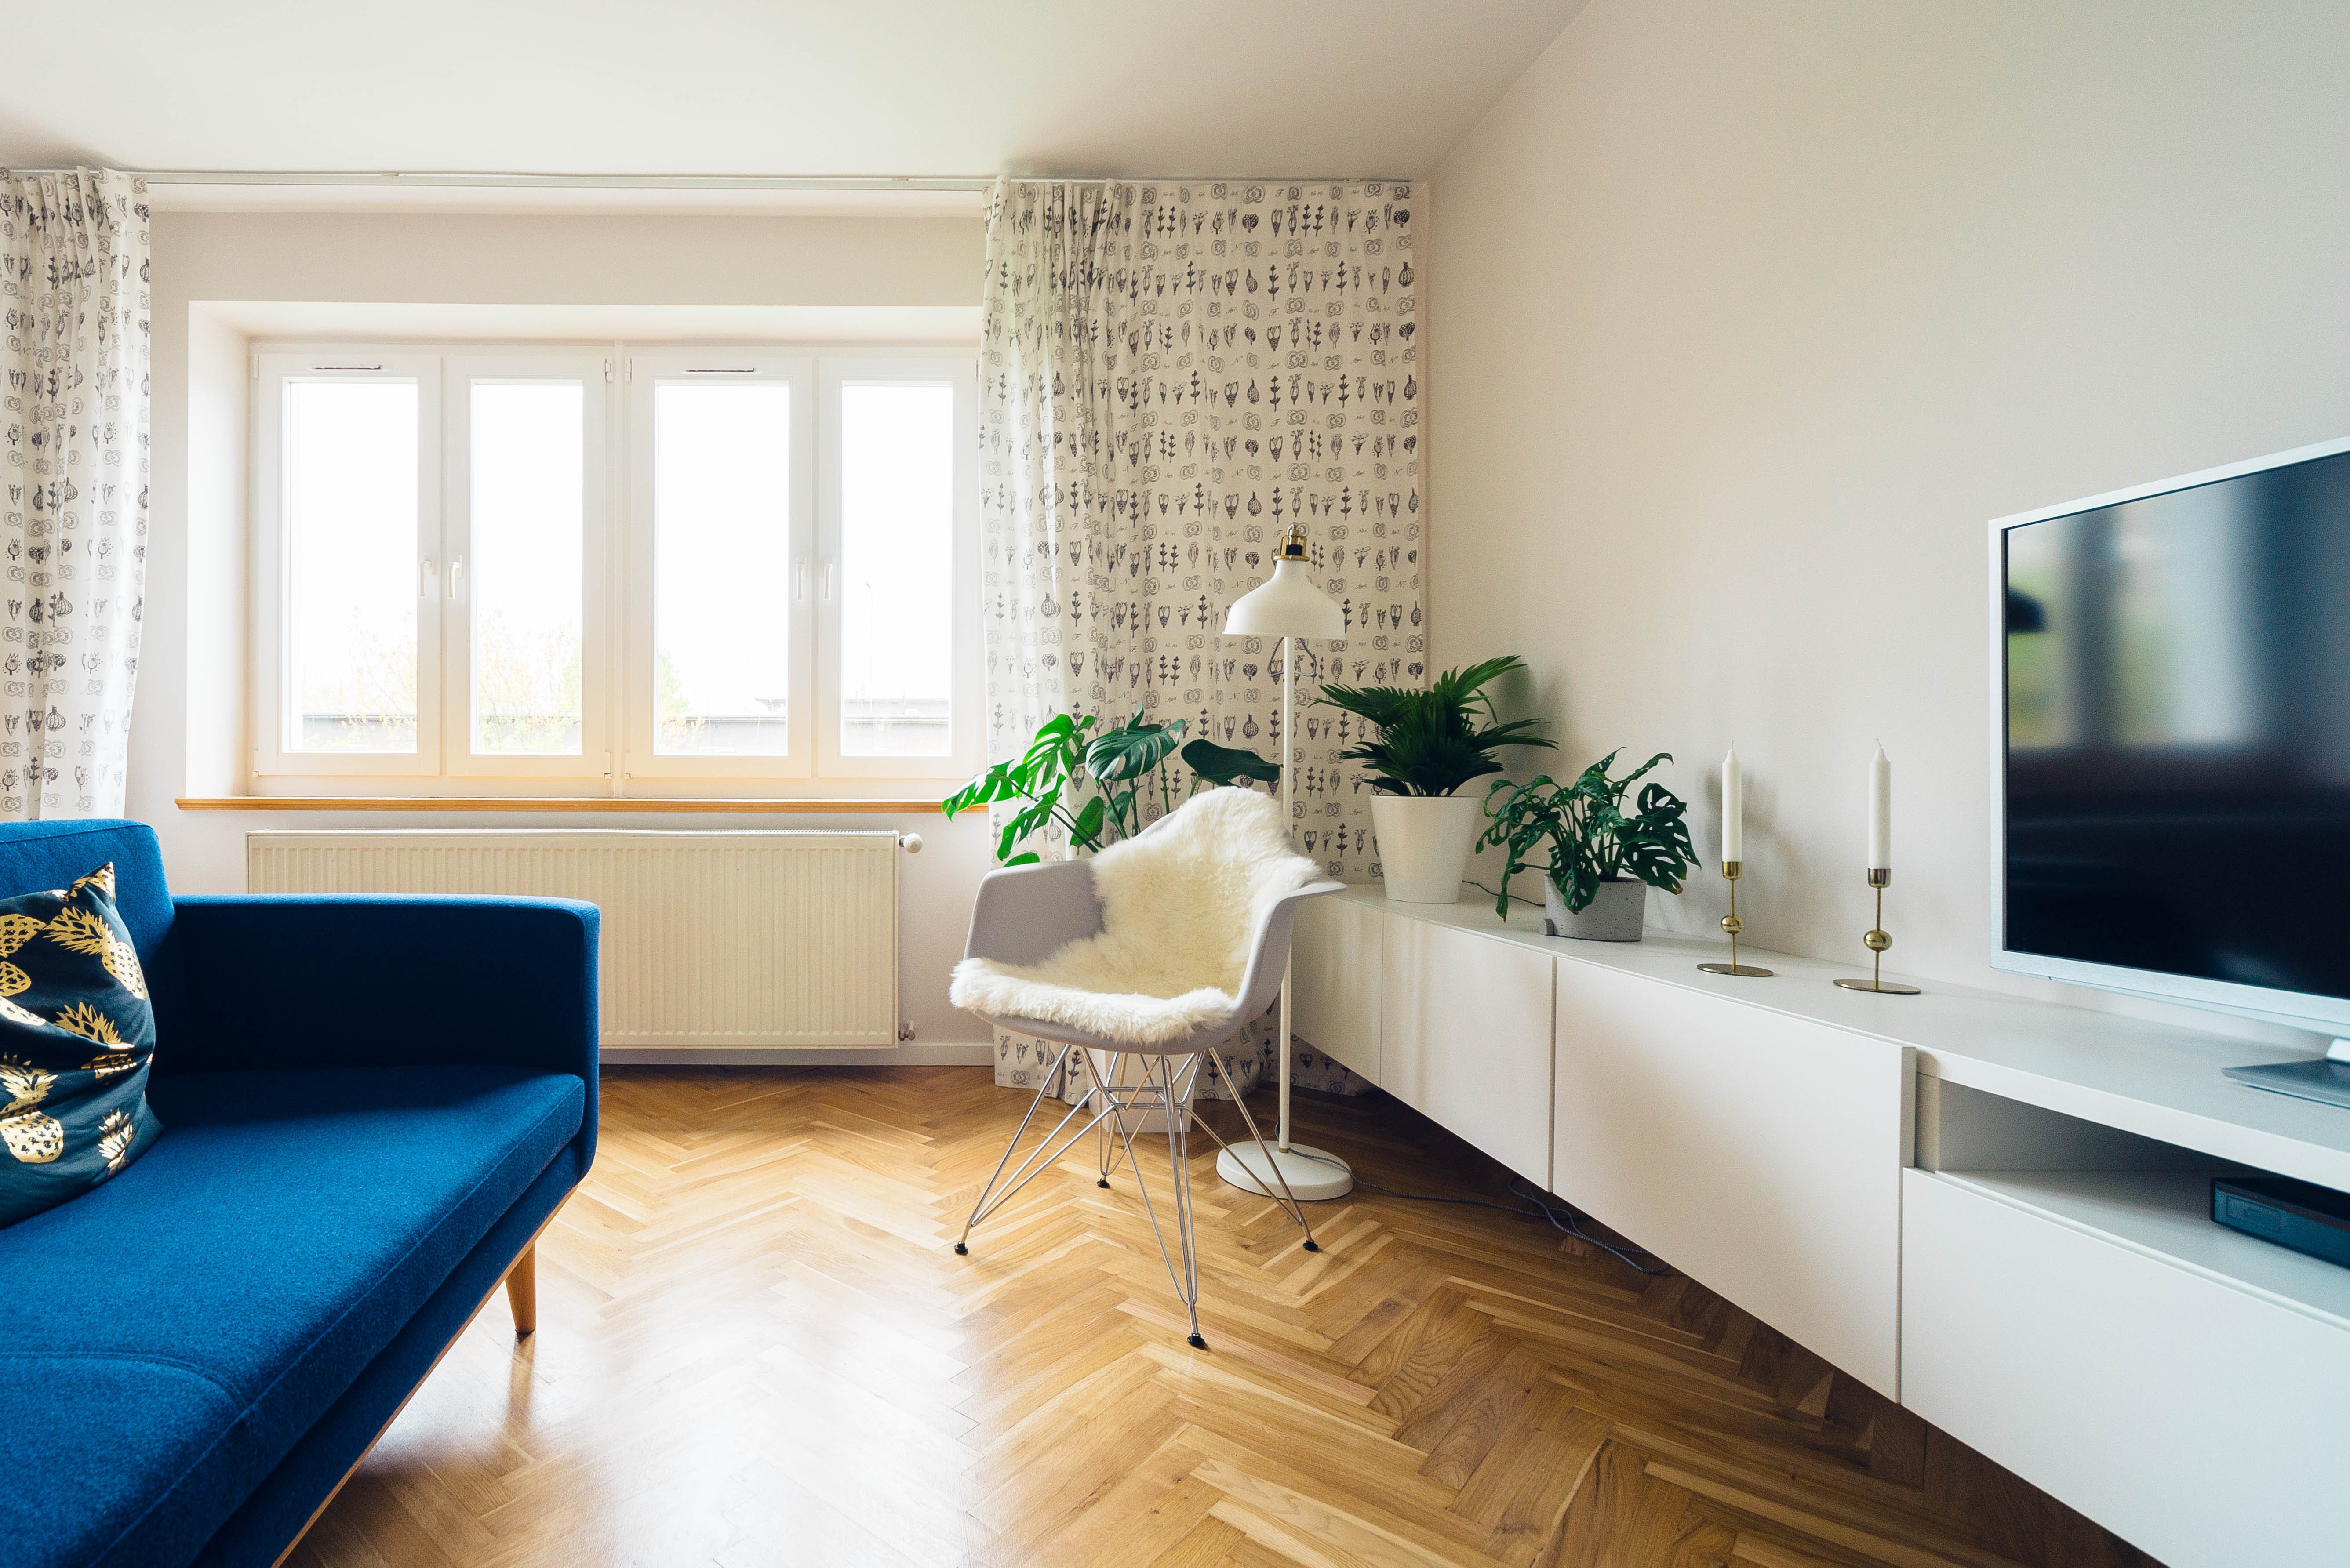 voordelen van een opgeruimd huis